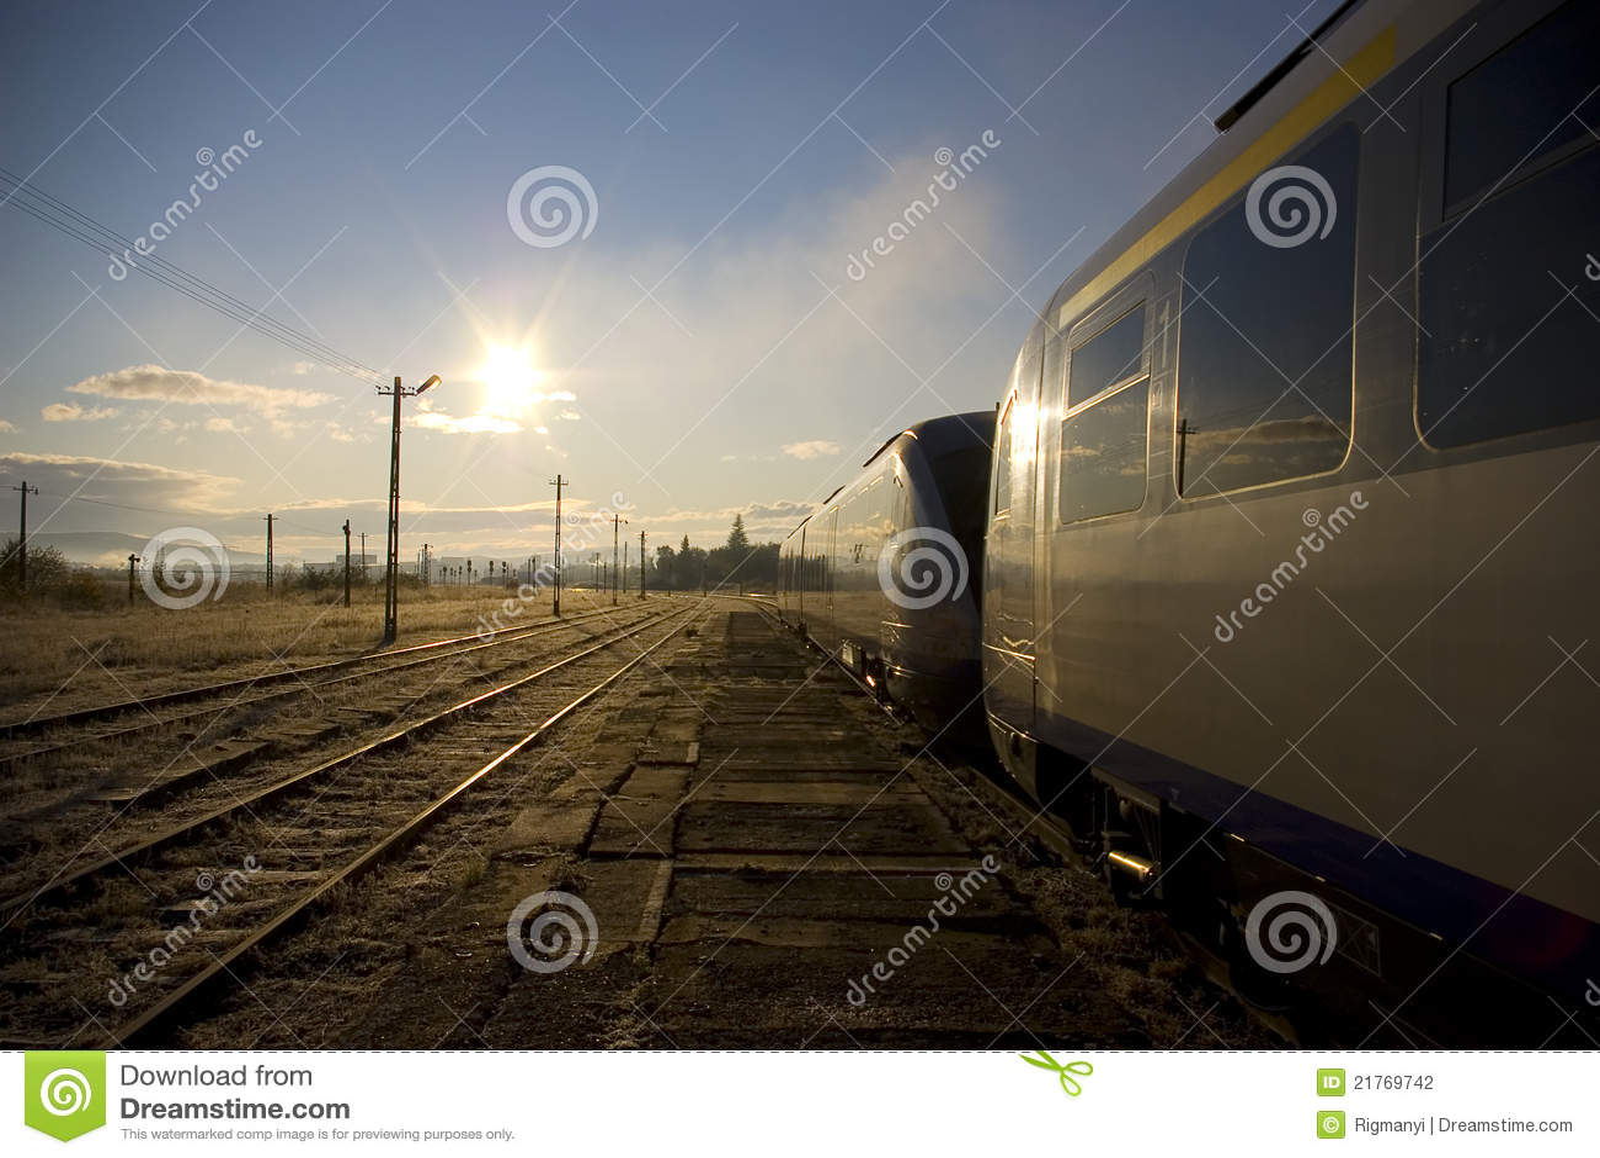 Trem em uma estação de comboio